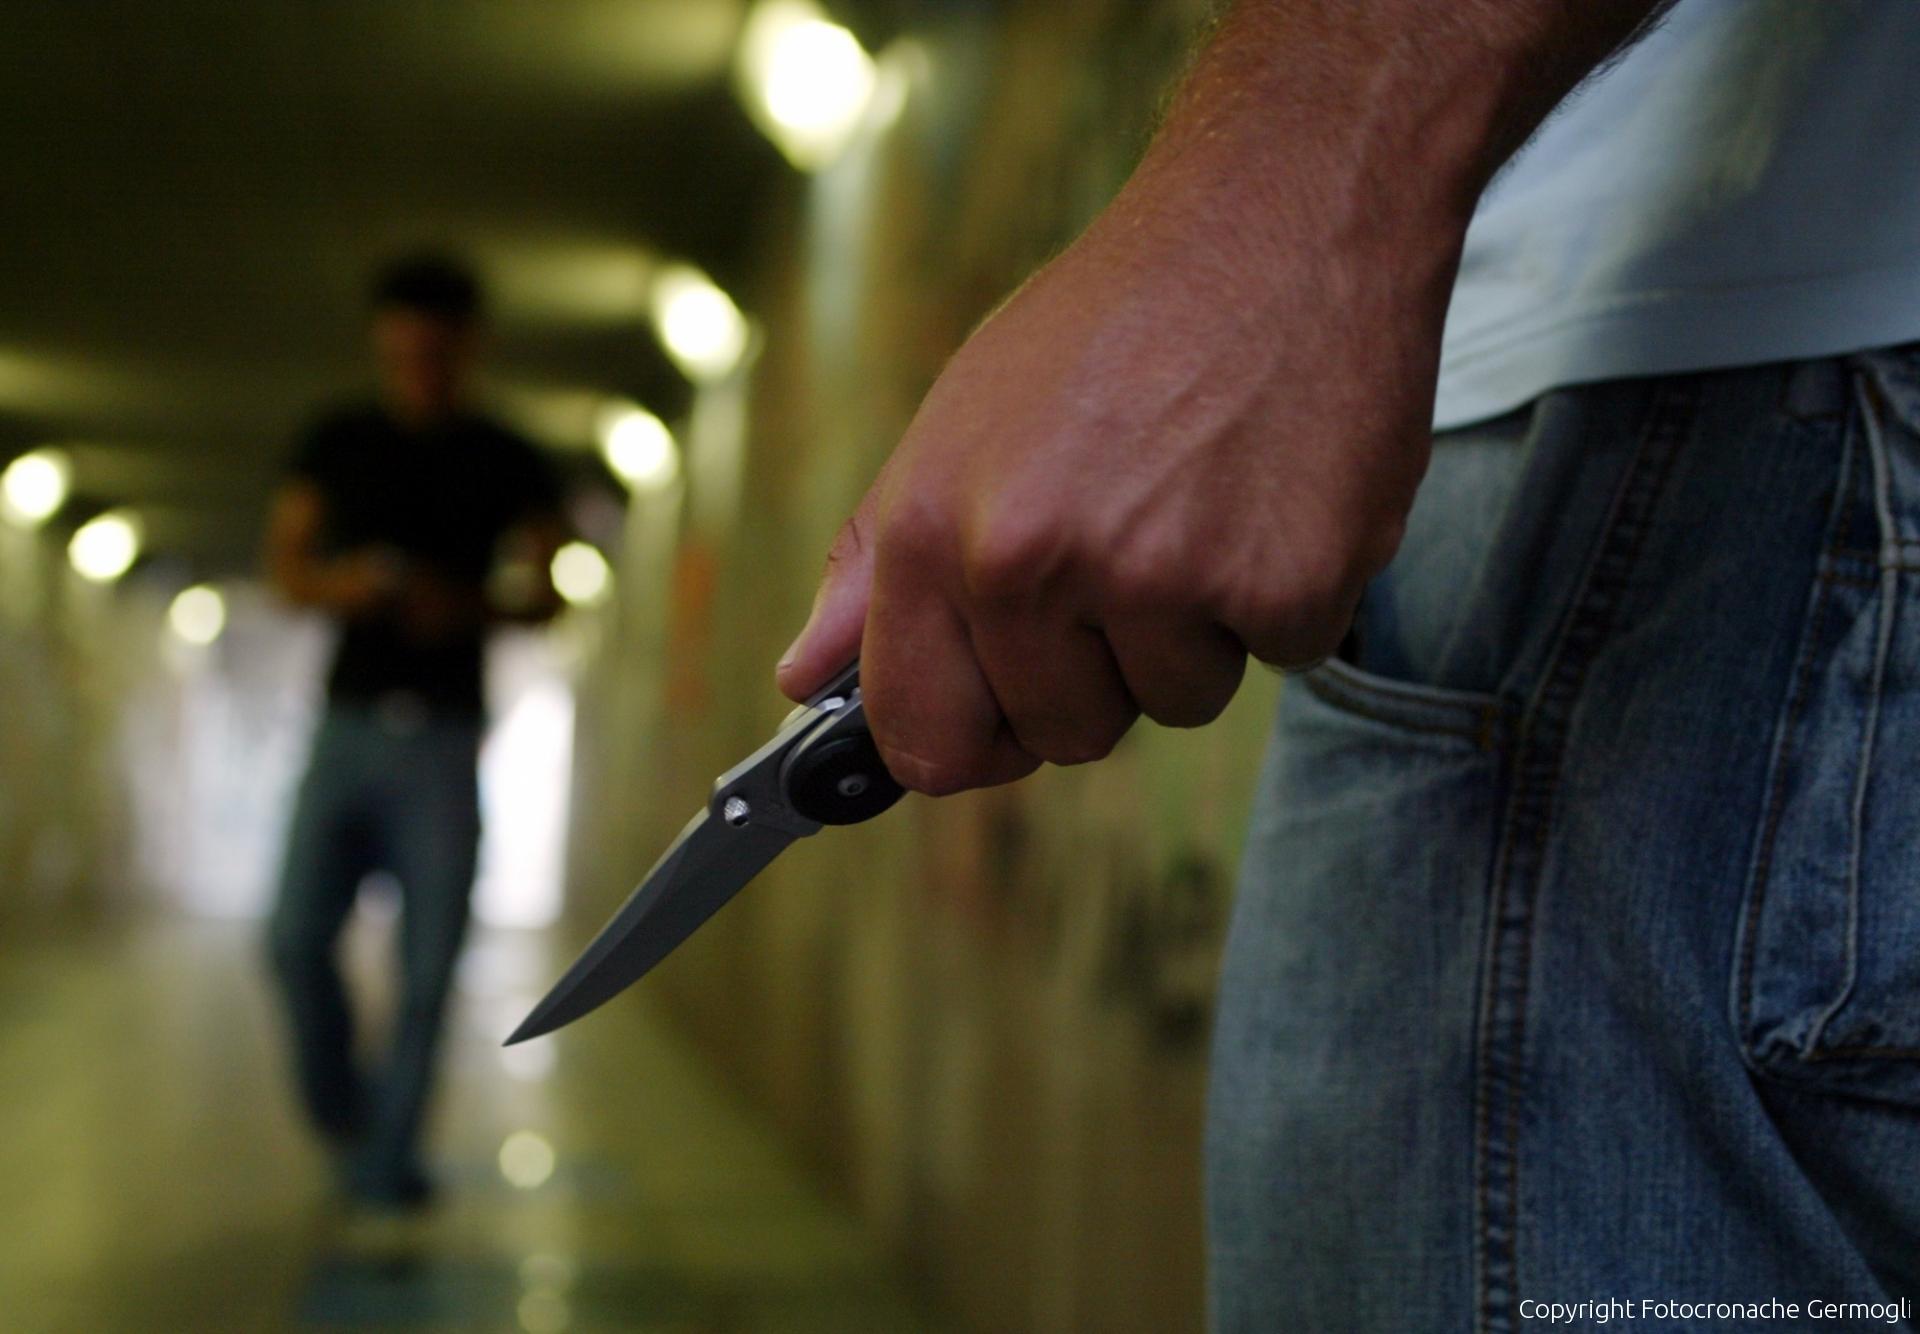 Accoltellamento a Firenze: grave giovane, aggressore arrestato